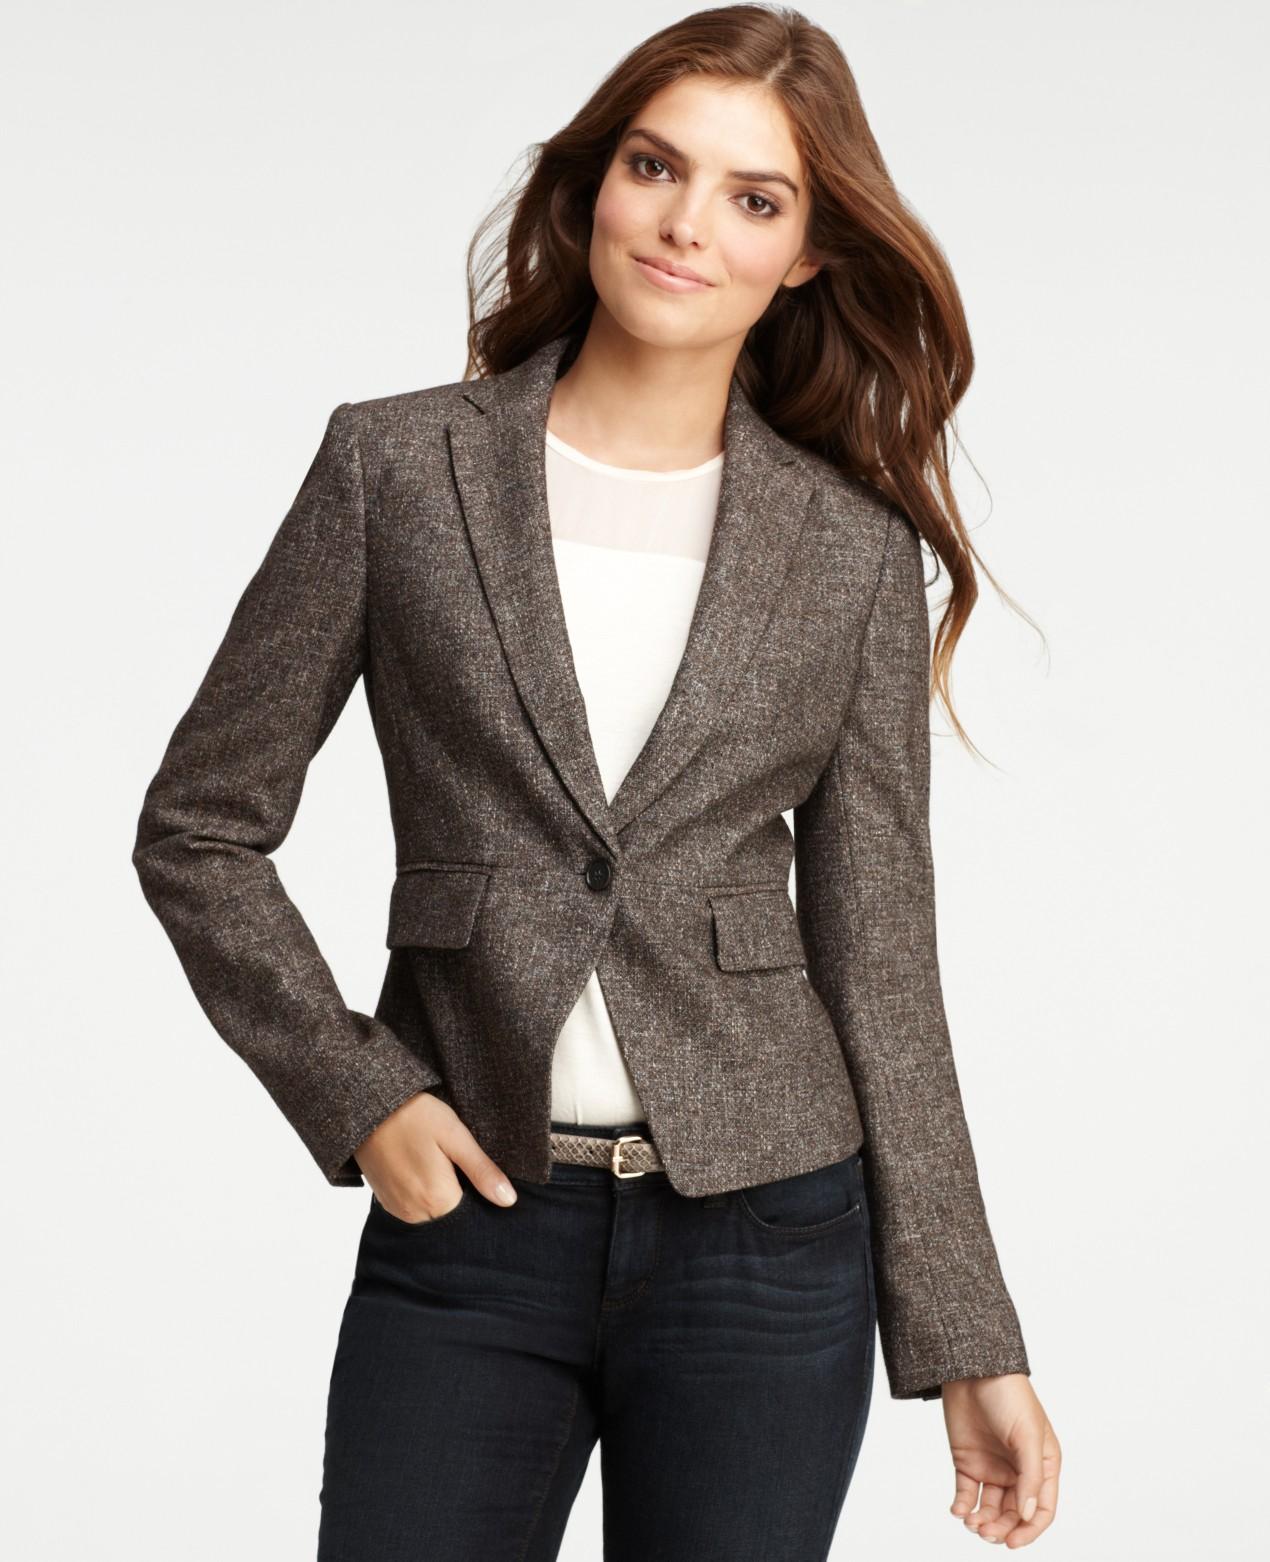 meilleur pas cher e516d b0eab Ann Taylor Brown Petite Moulinee Tweed Femme Jacket